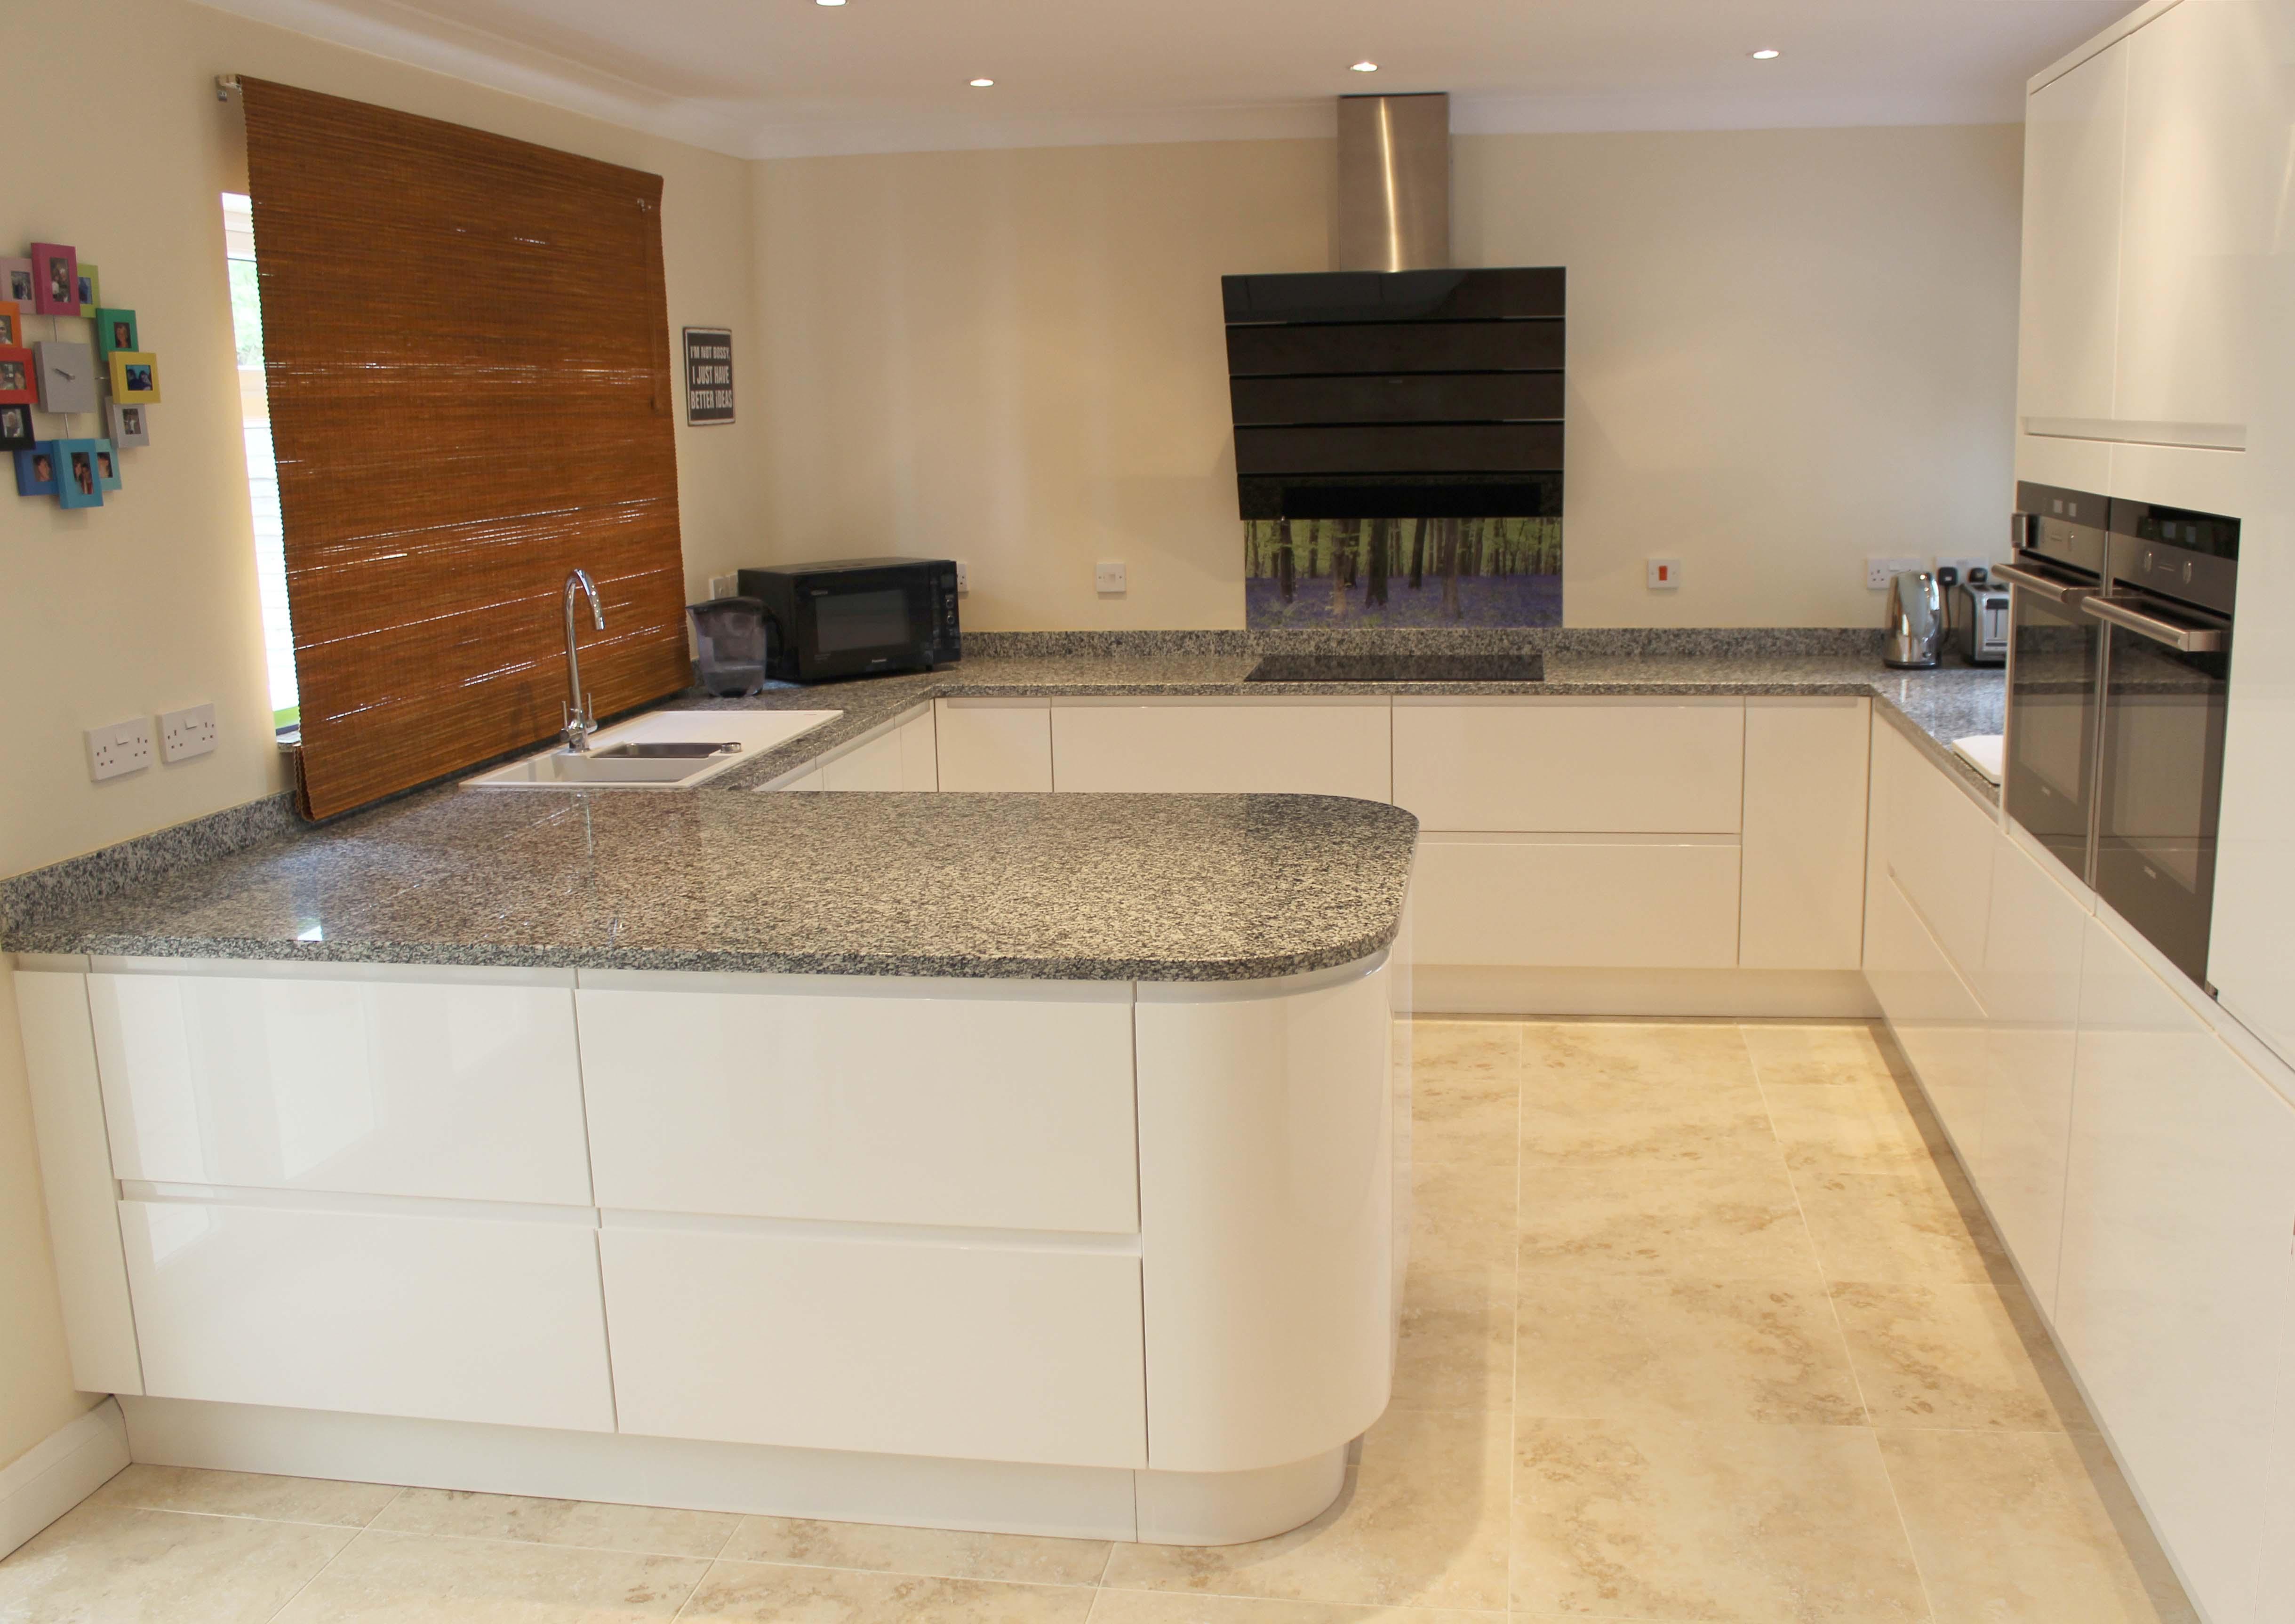 Airo Gloss White kitchen